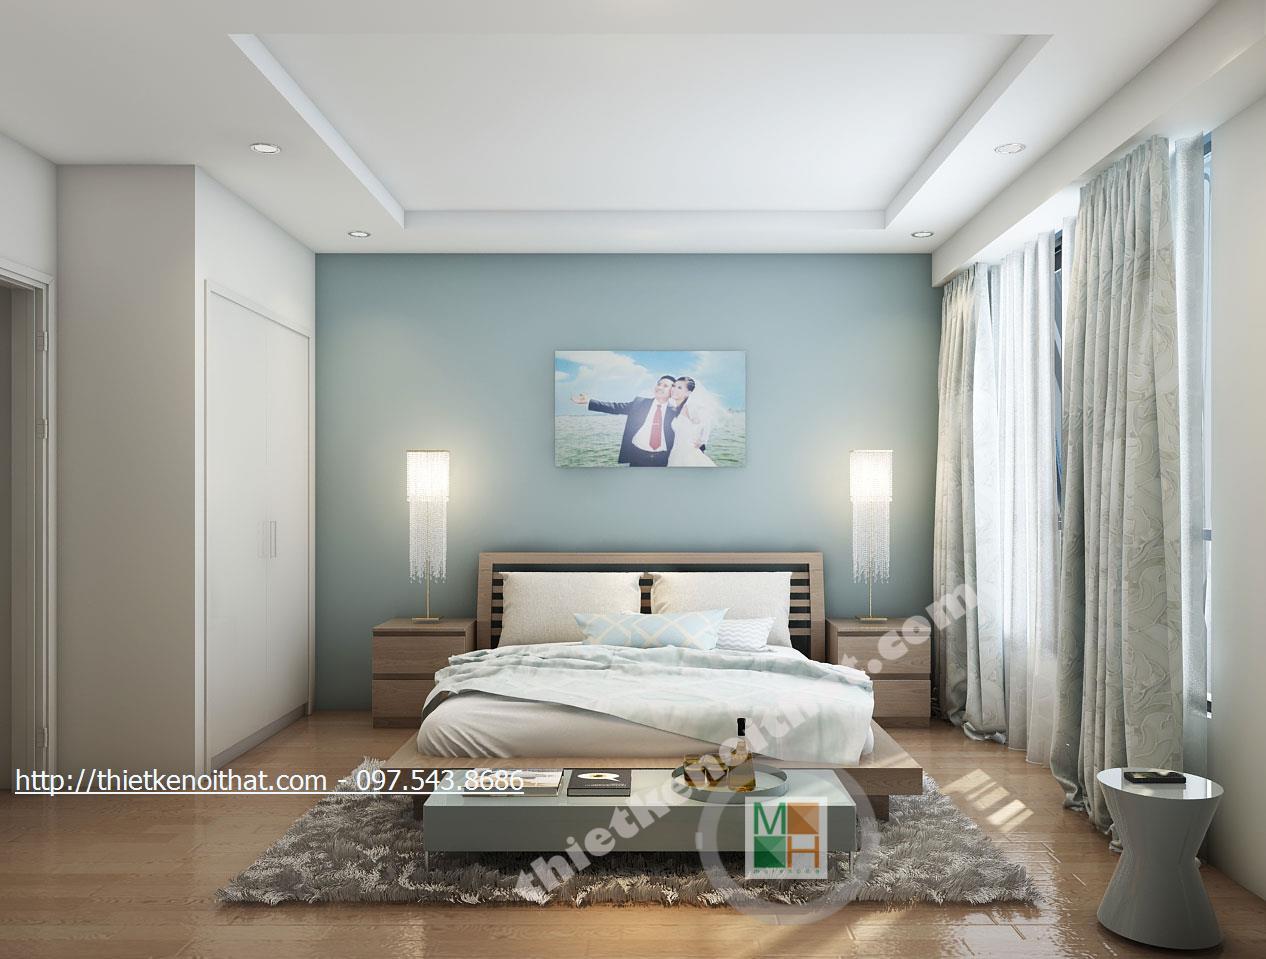 Thiết kế nội thất phòng ngủ chung cư Timescity Hai Bà Trưng phong cách hiện đại sang trọng